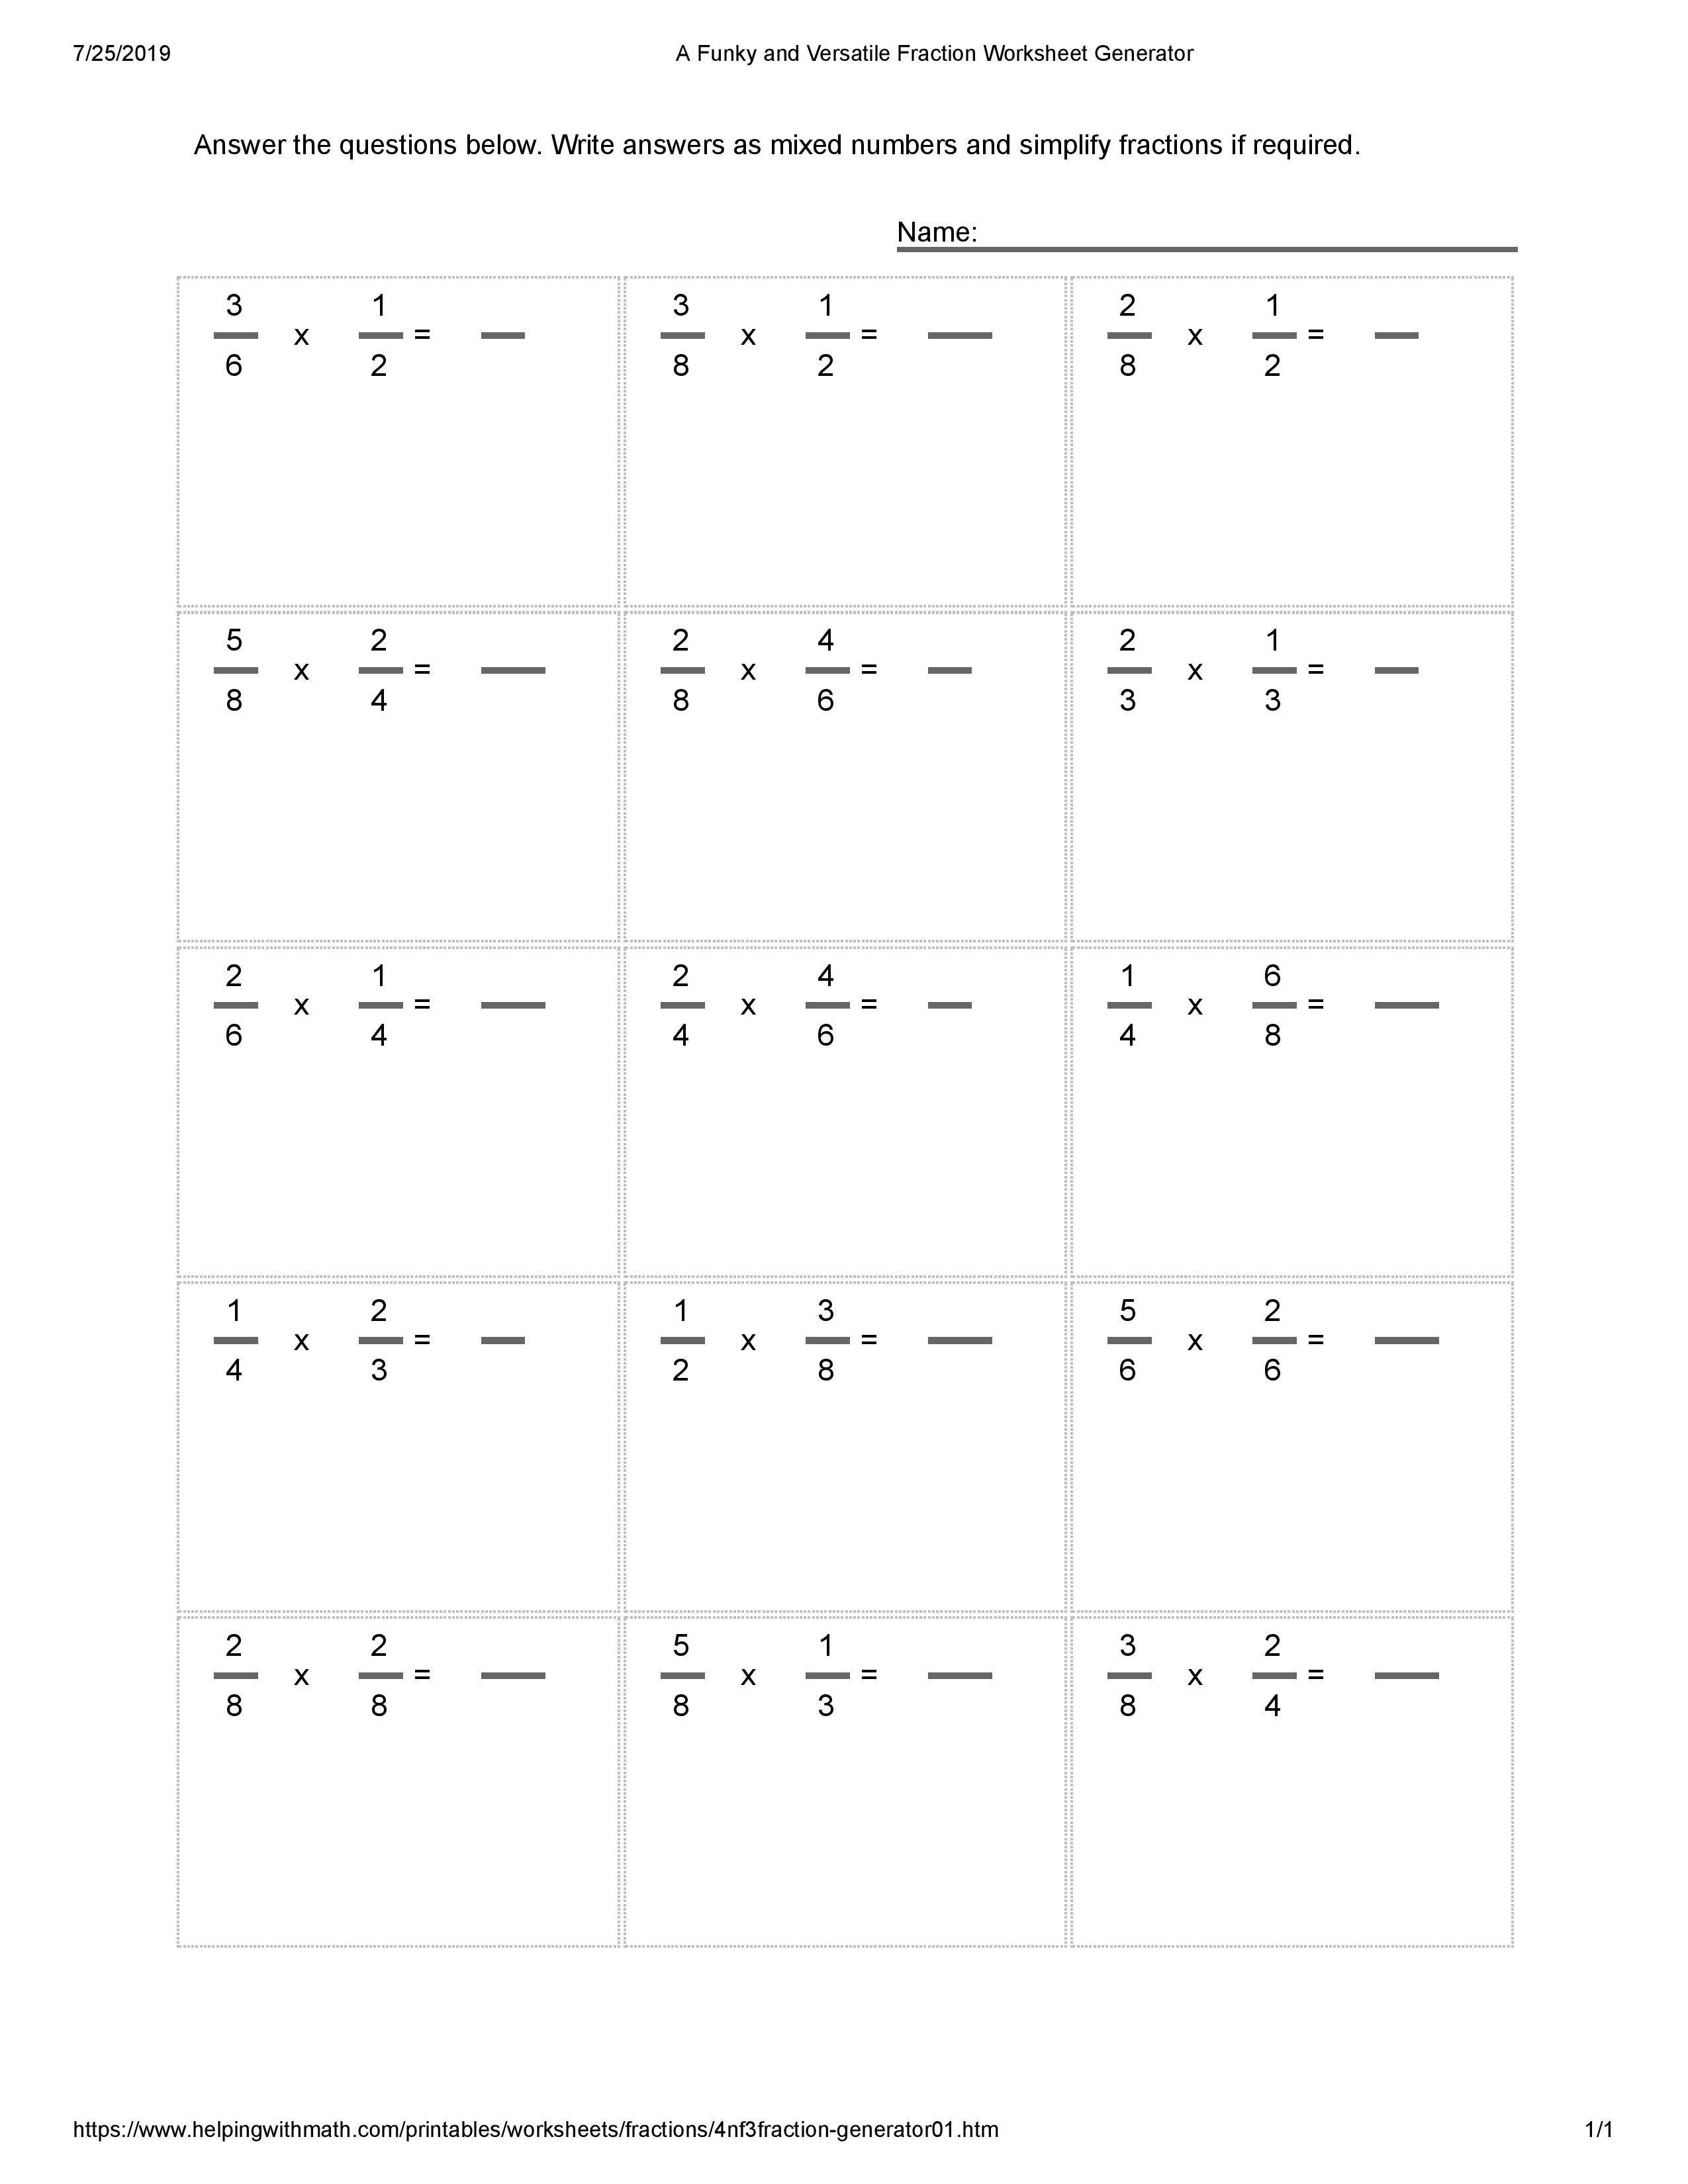 Best 10 Multiplying Fraction Worksheets You Calendars Https Www Youcalendar Fractions Worksheets Multiplying Fractions Multiplying Fractions Worksheets